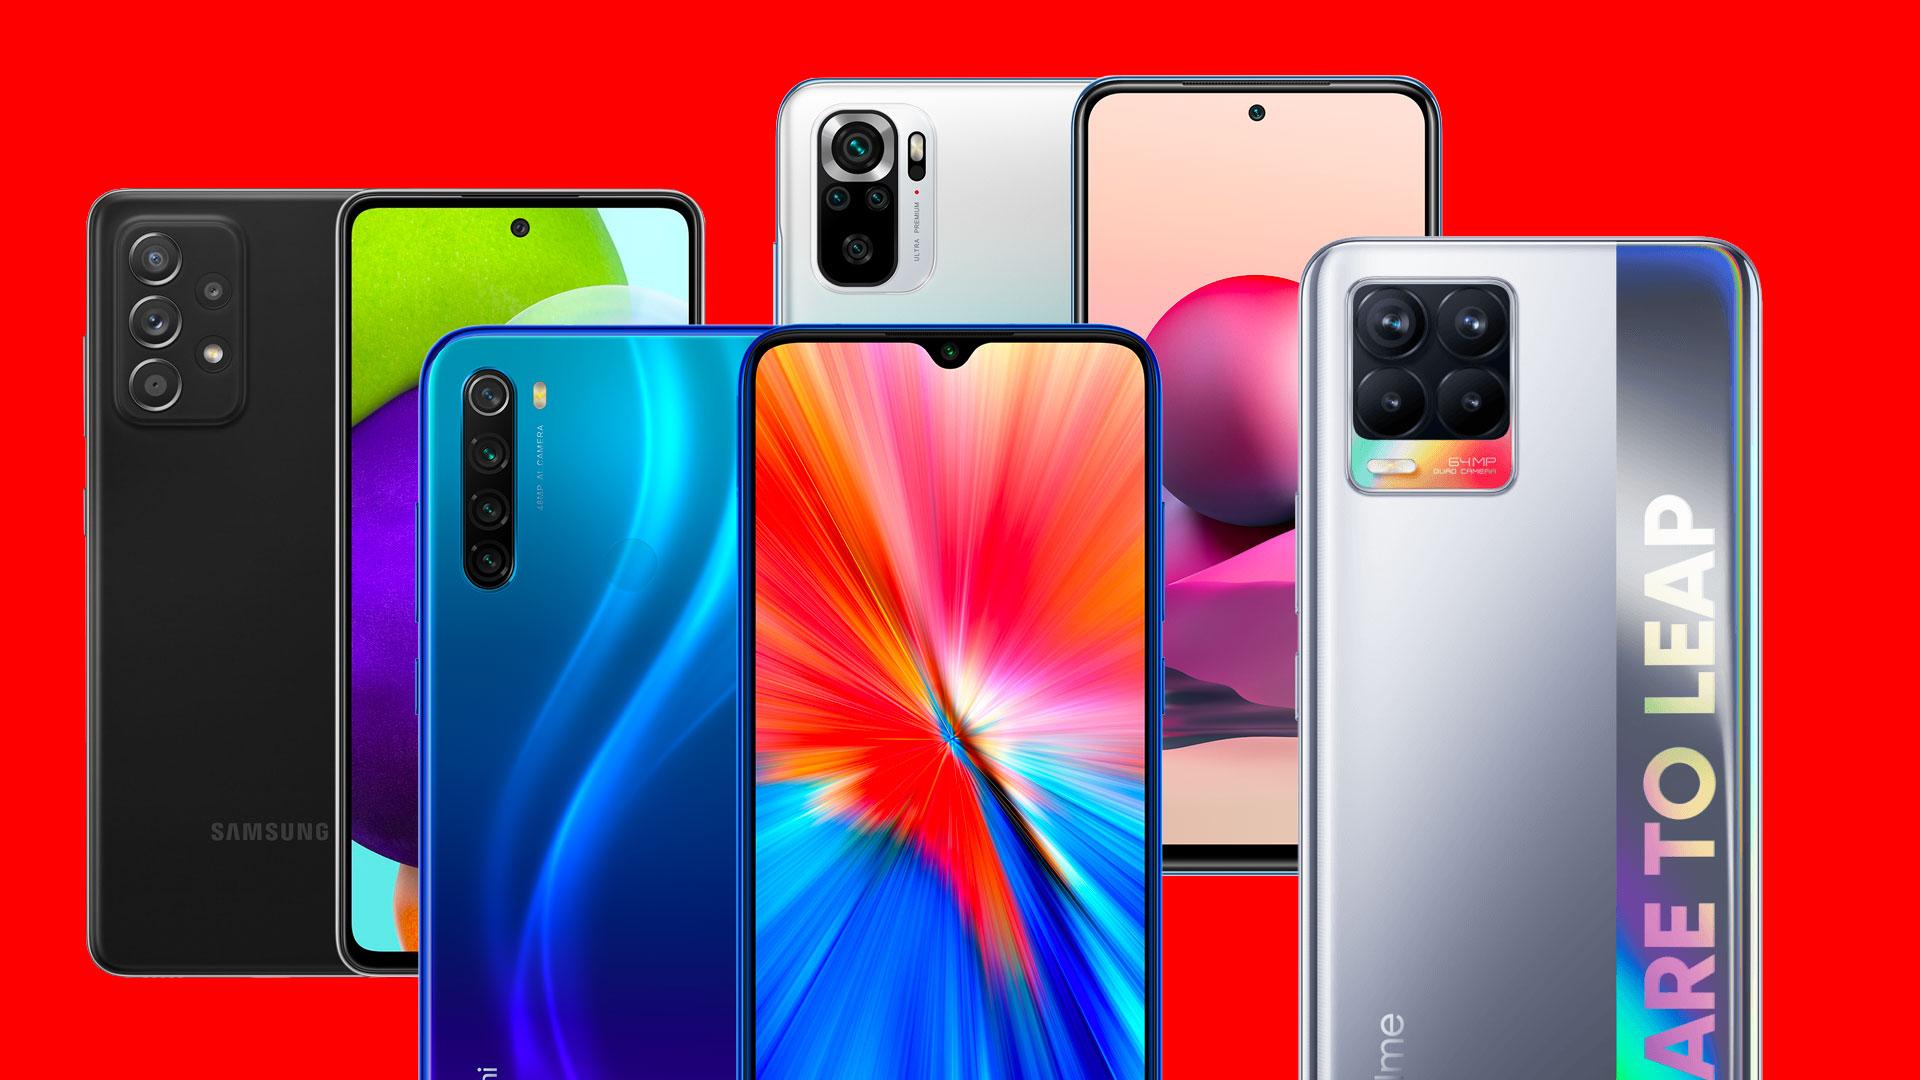 Лучшие в своём деле: 5 смартфонов с хорошей камерой и экраном, которые стоит купить в 2021 году